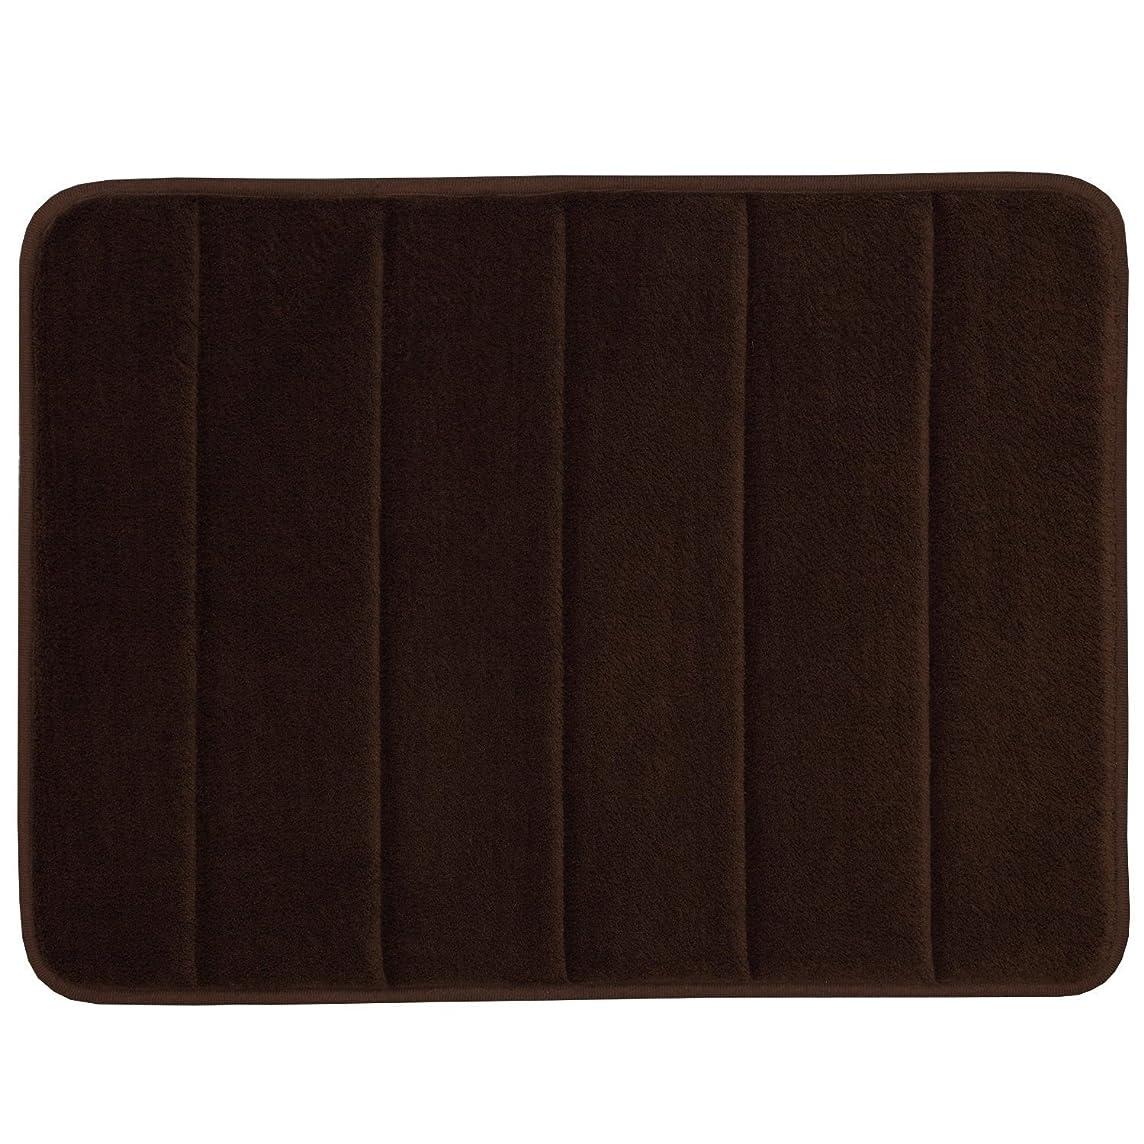 赤道転倒学者WPMS Incredibly Soft and Absorbent Memory Foam Bath Mat, 17 By 24-inch (Brown)